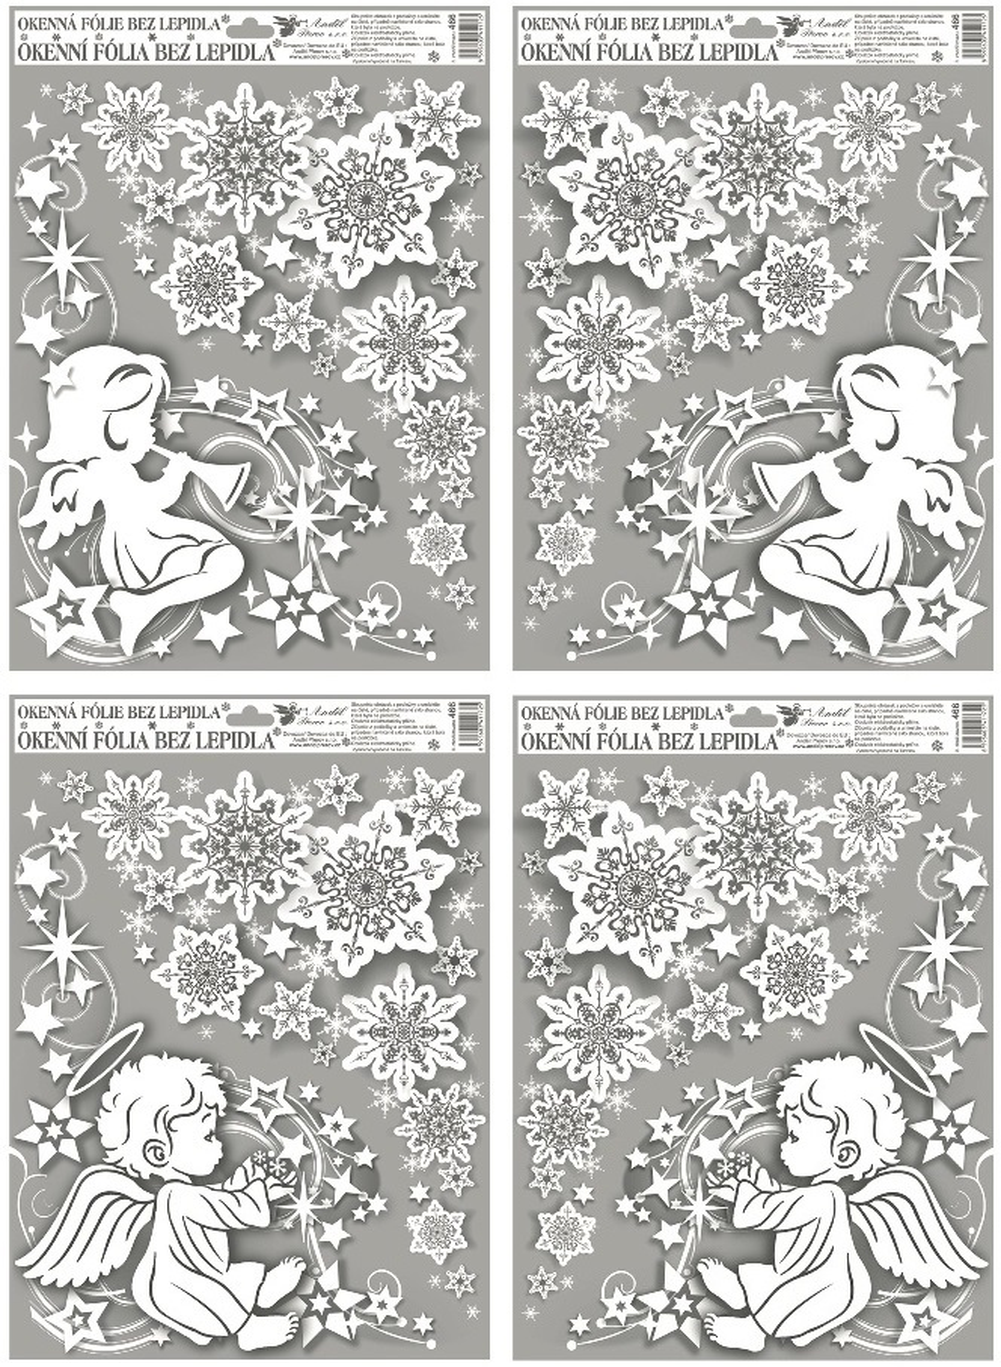 Fólie na okna rohová andílci s duhovými glitry 38x30cm (466)